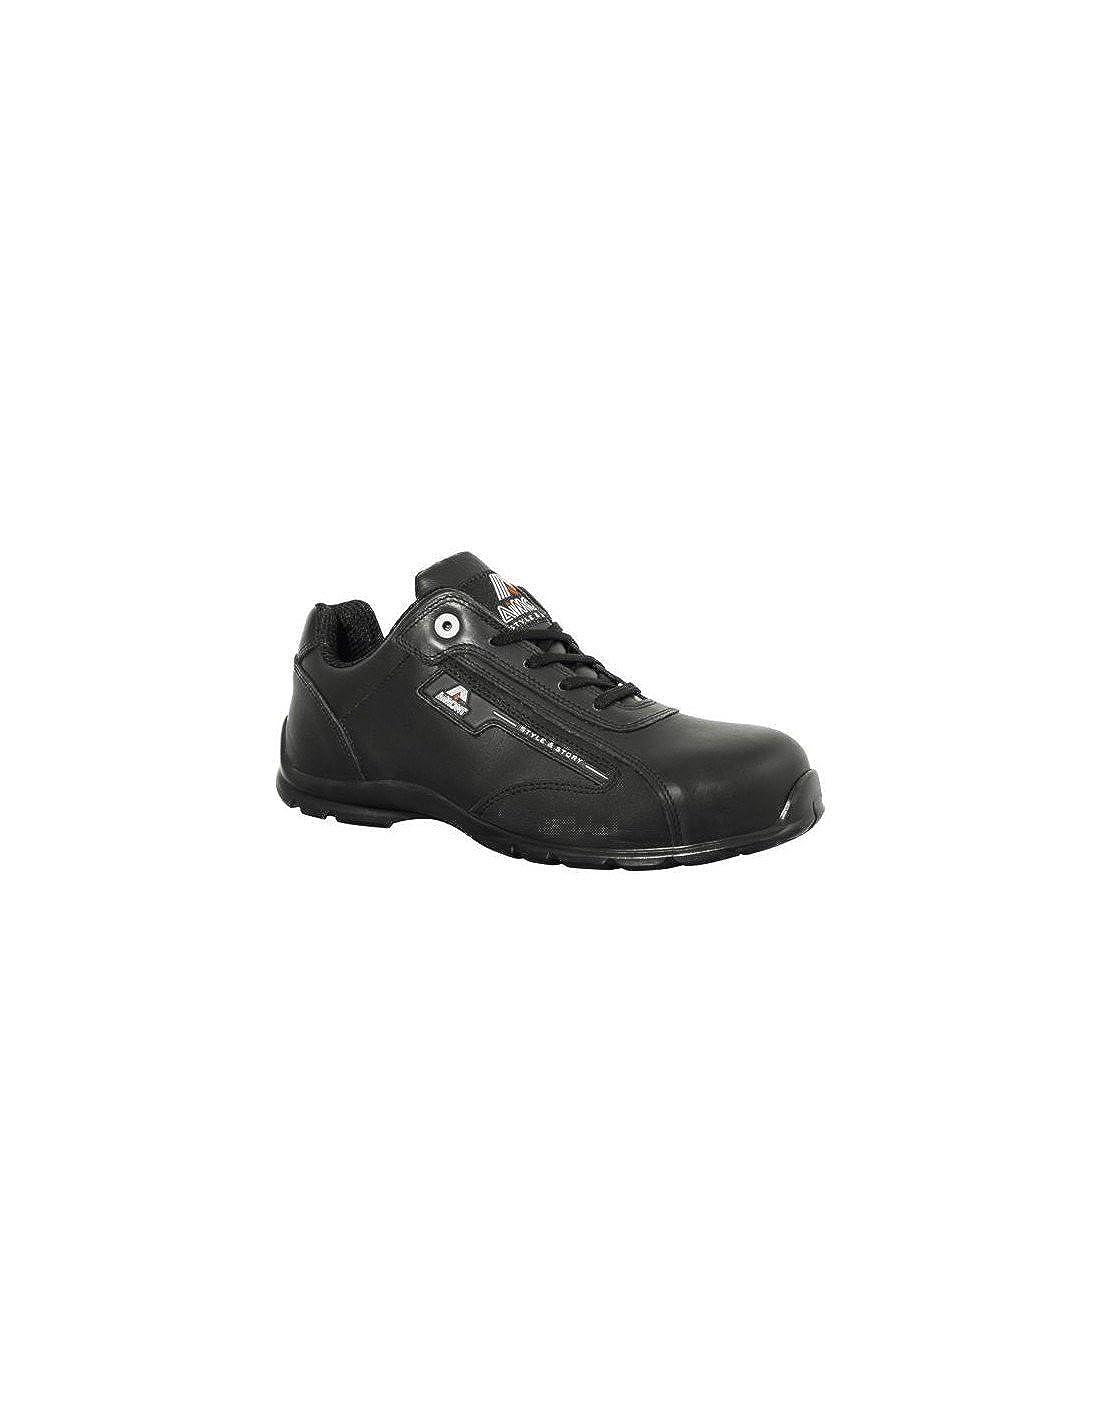 AIMONT - Calzado de protección de Piel para Hombre Negro Negro: Amazon.es: Zapatos y complementos